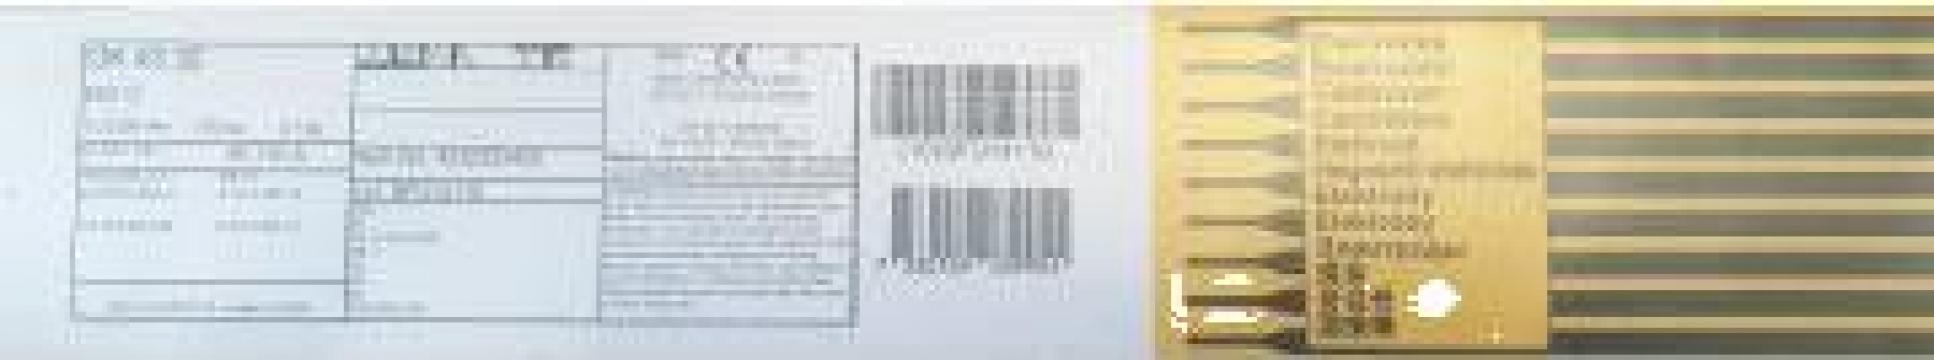 Electrozi rutilici OK 43.32, Esab, otel, 3.2x350mm, 4.7 kg